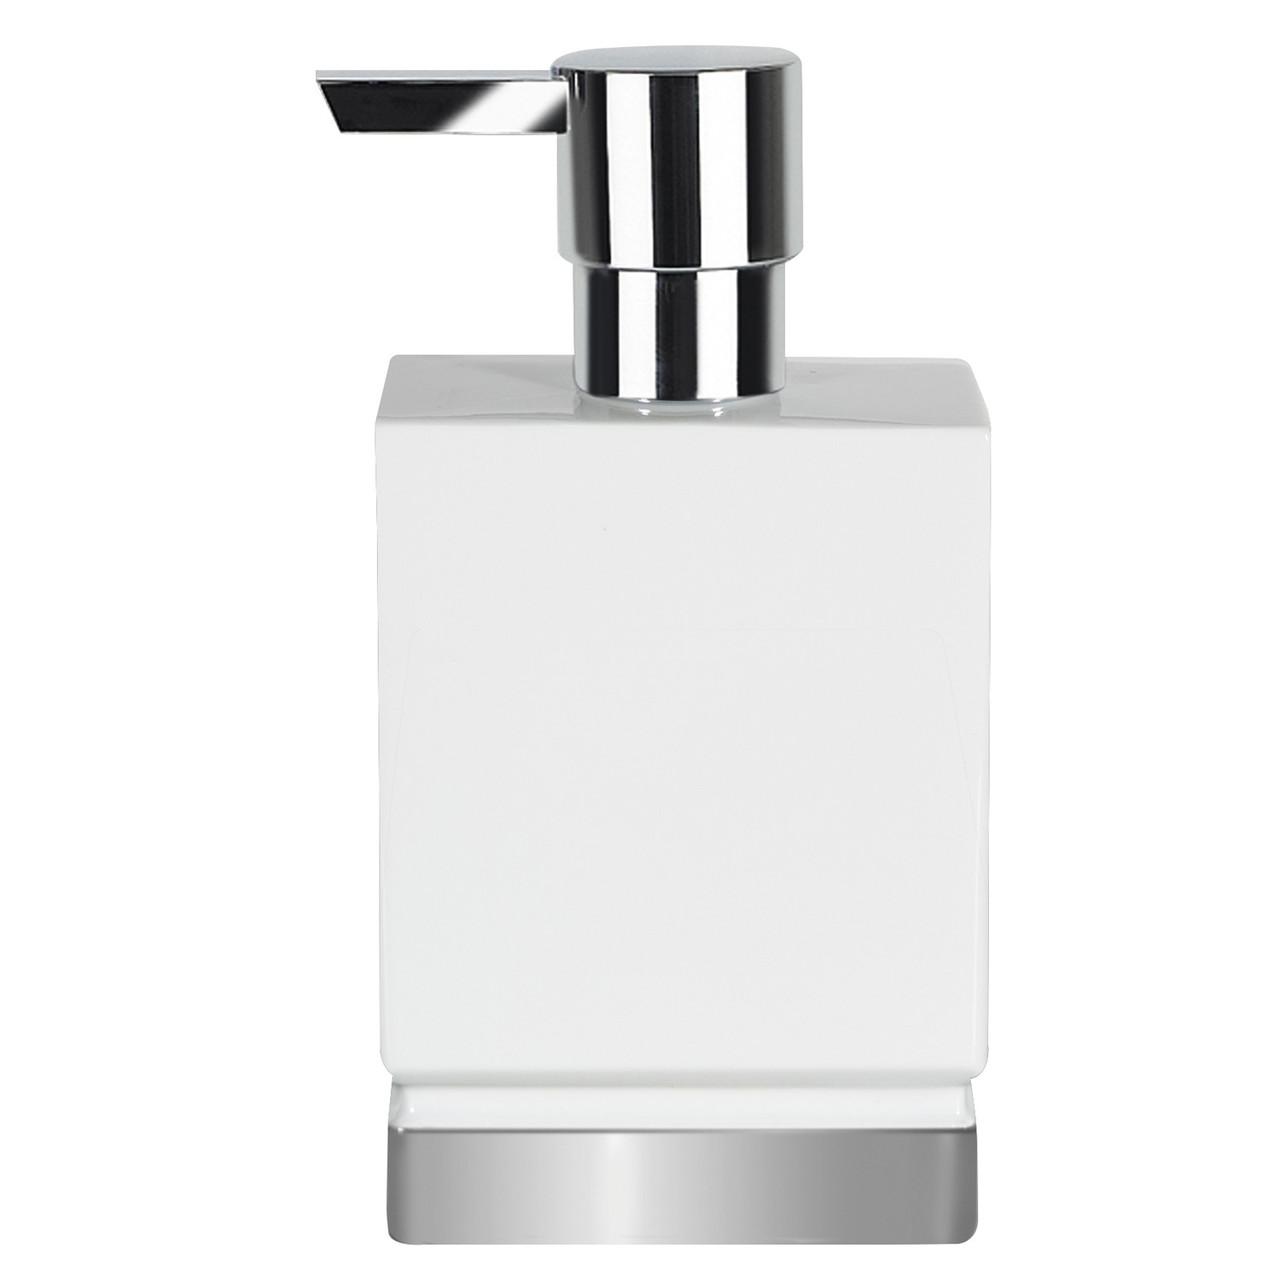 Дозатор для жидкого мылаSpirella roma (фарфор)